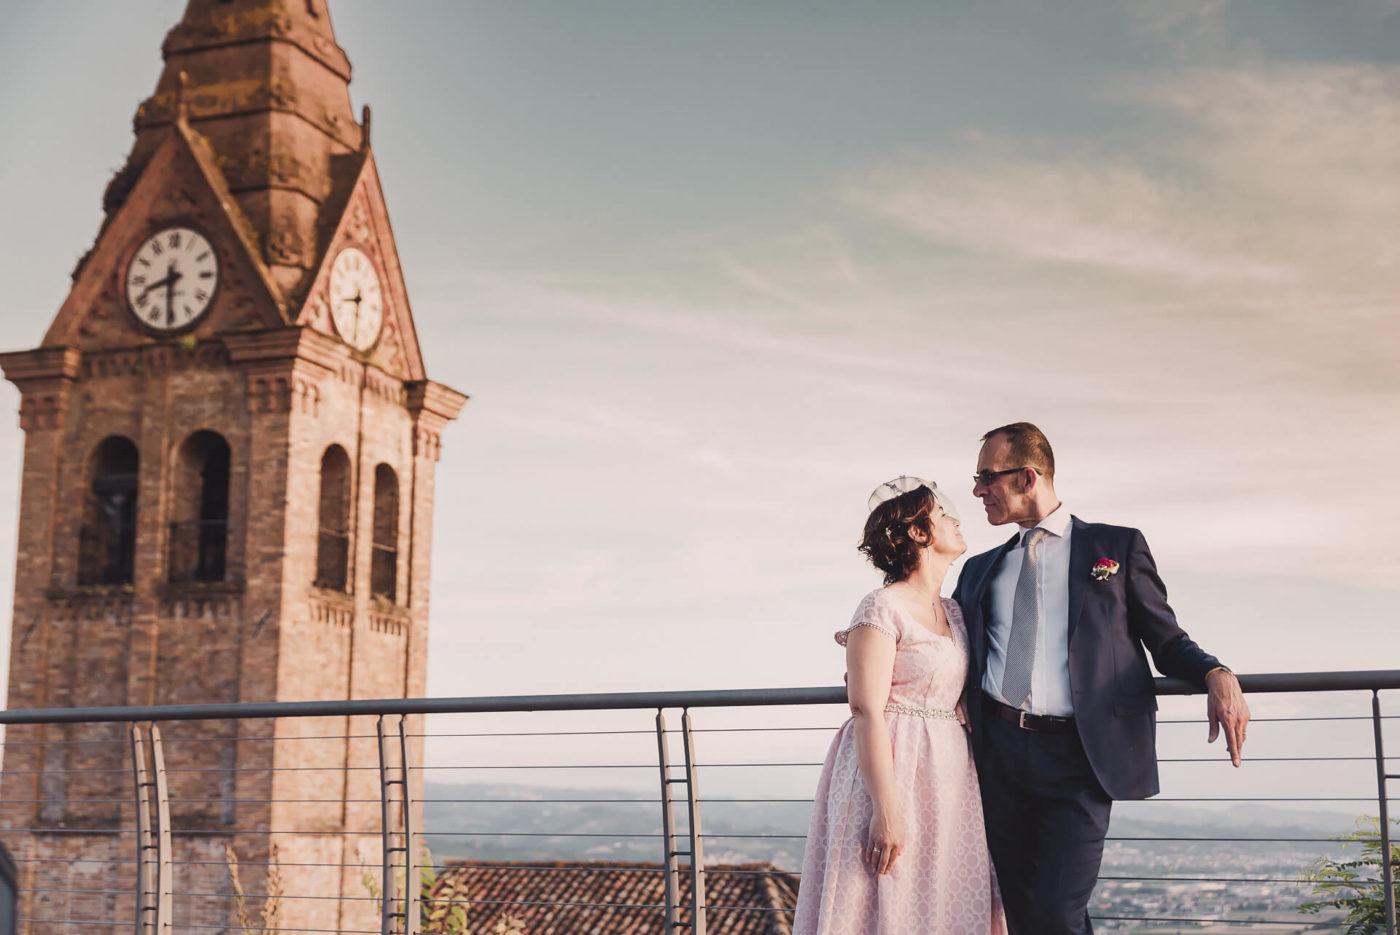 Fotografo di matrimonio Asti - Sposi vicino al campanile di Magliano Alfieri al tramonto